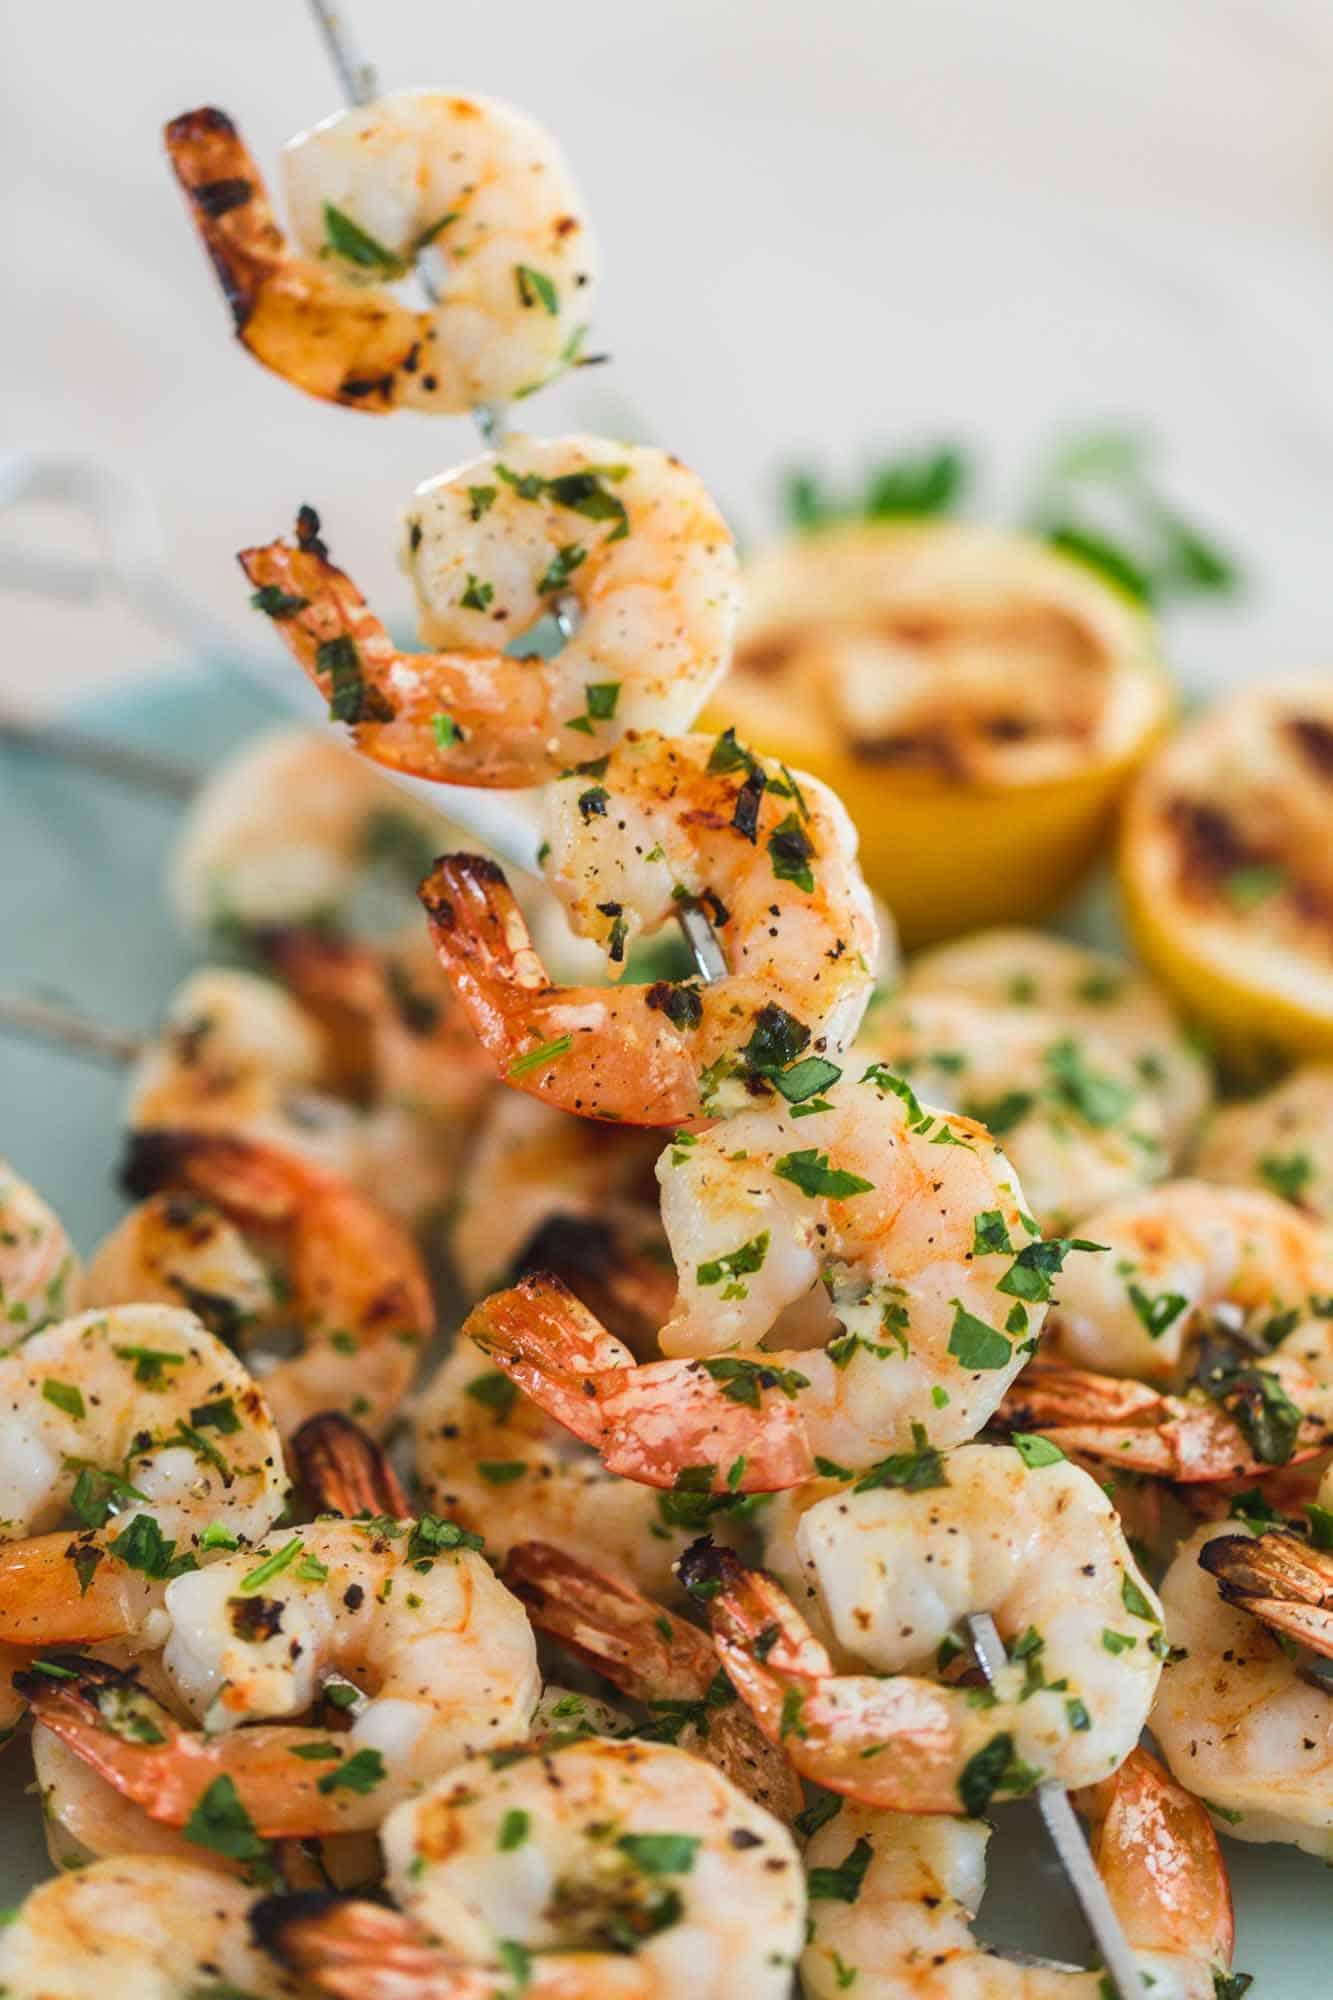 Garlic grilled shrimp on a skewer